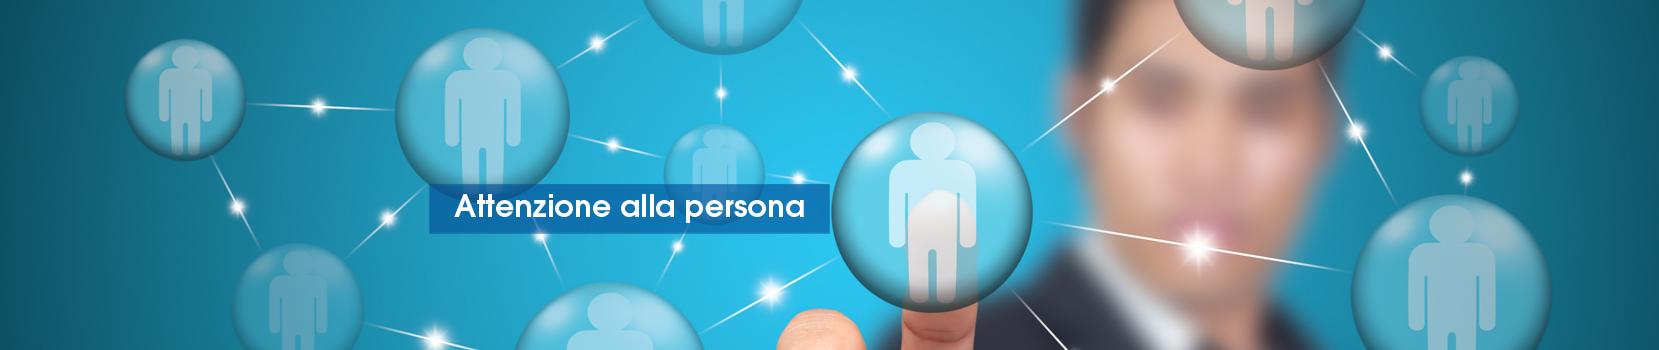 slide_attenzione_alla_persona